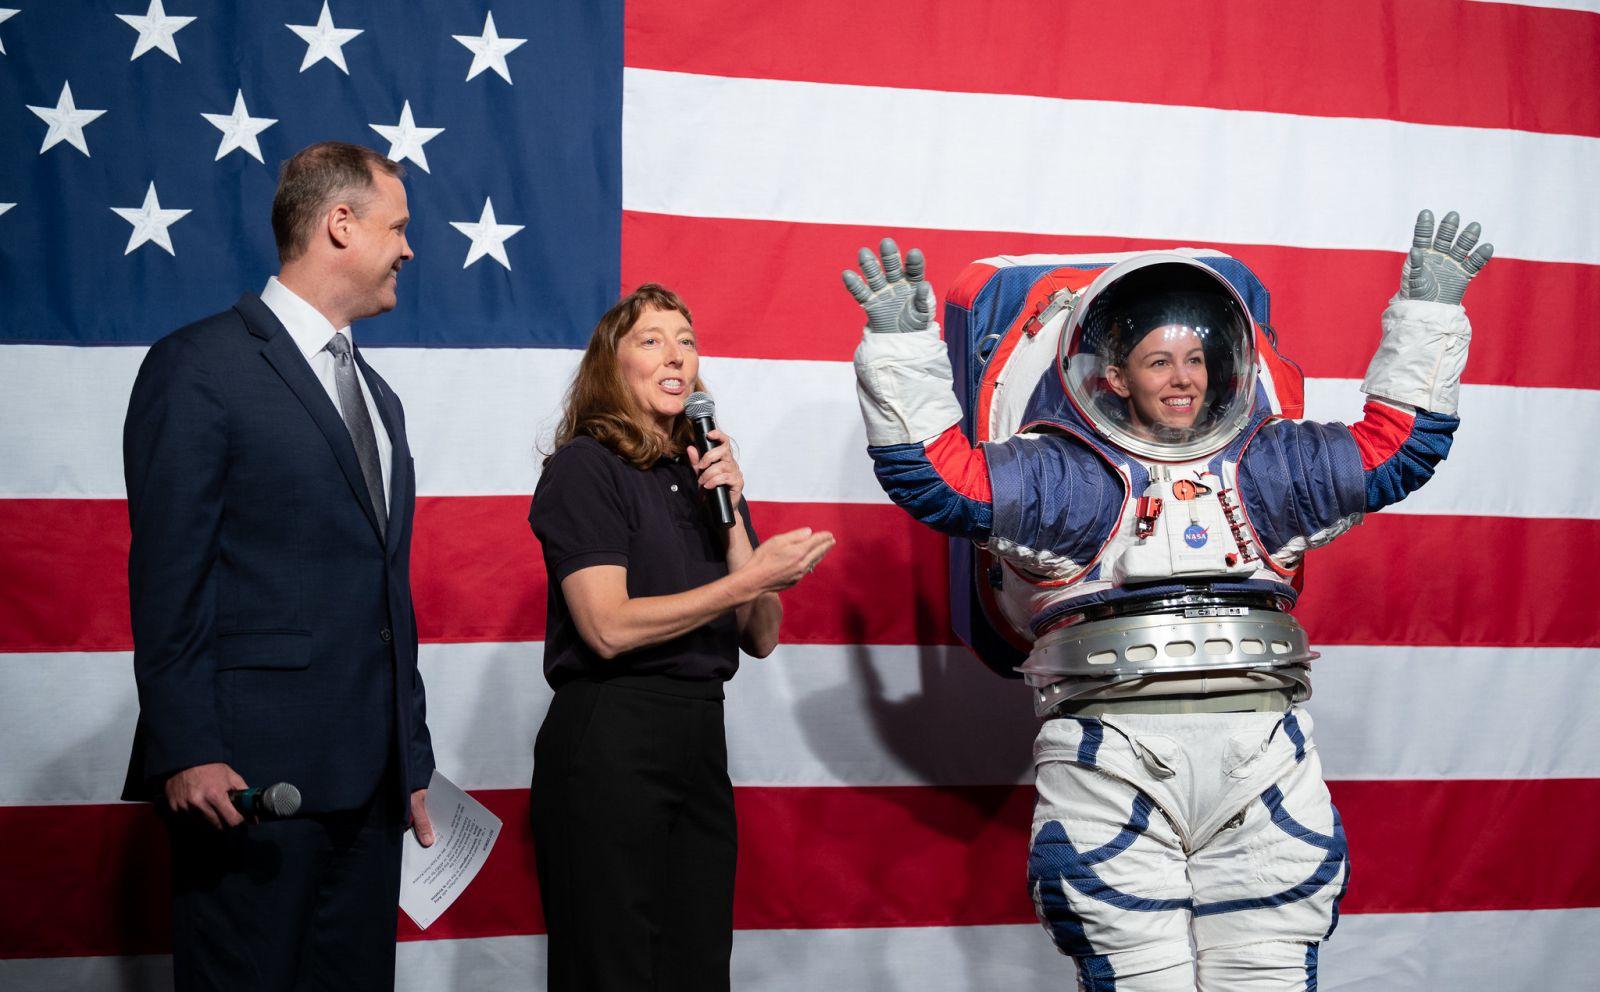 VIDEO | NASA a prezentat costumul spaţial ce va fi purtat de astronauţi pe Lună